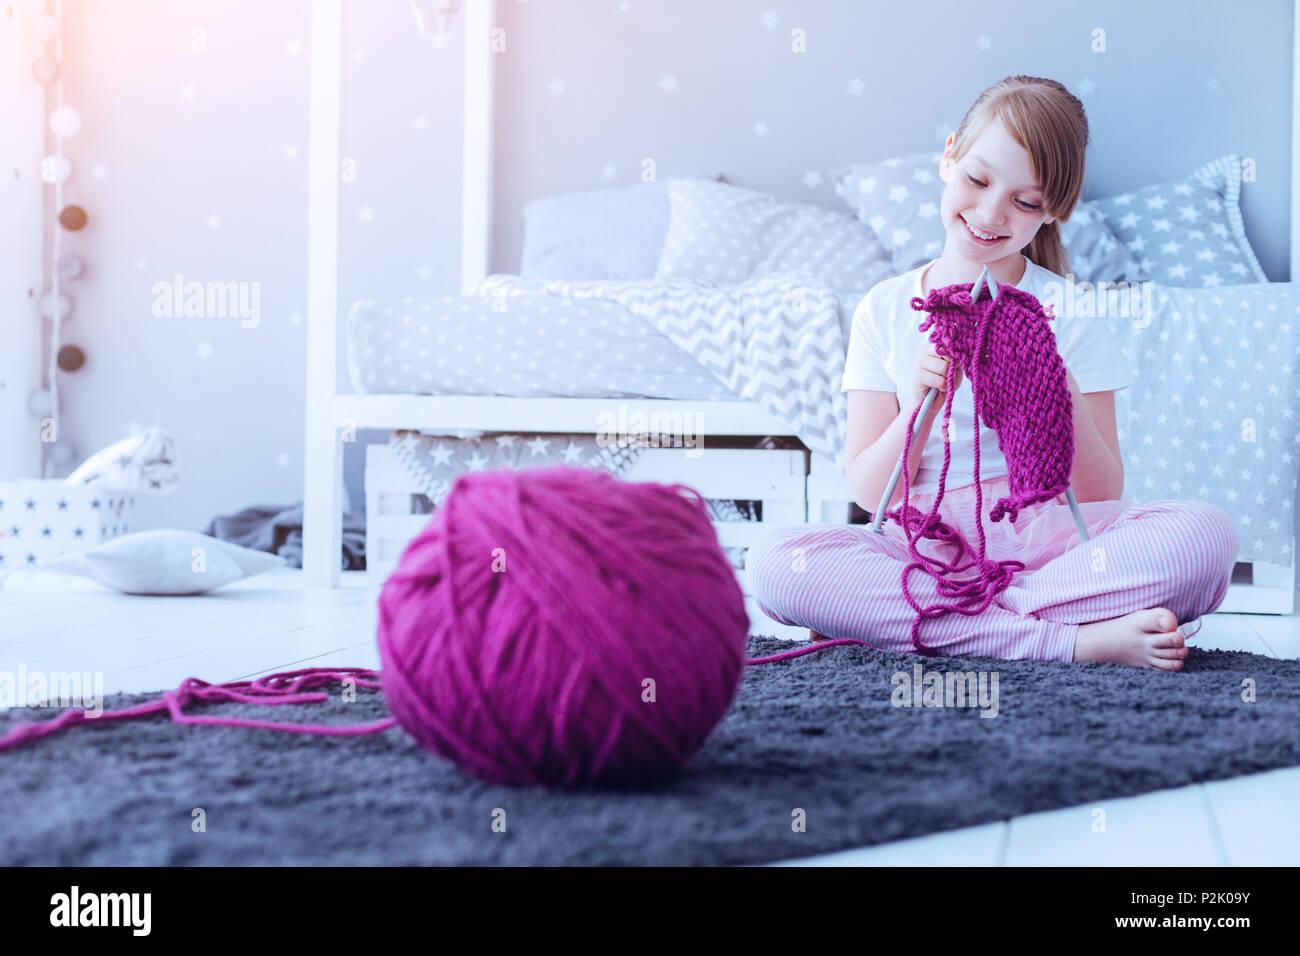 Curieux Smart girl knitting écharpe à la maison Photo Stock